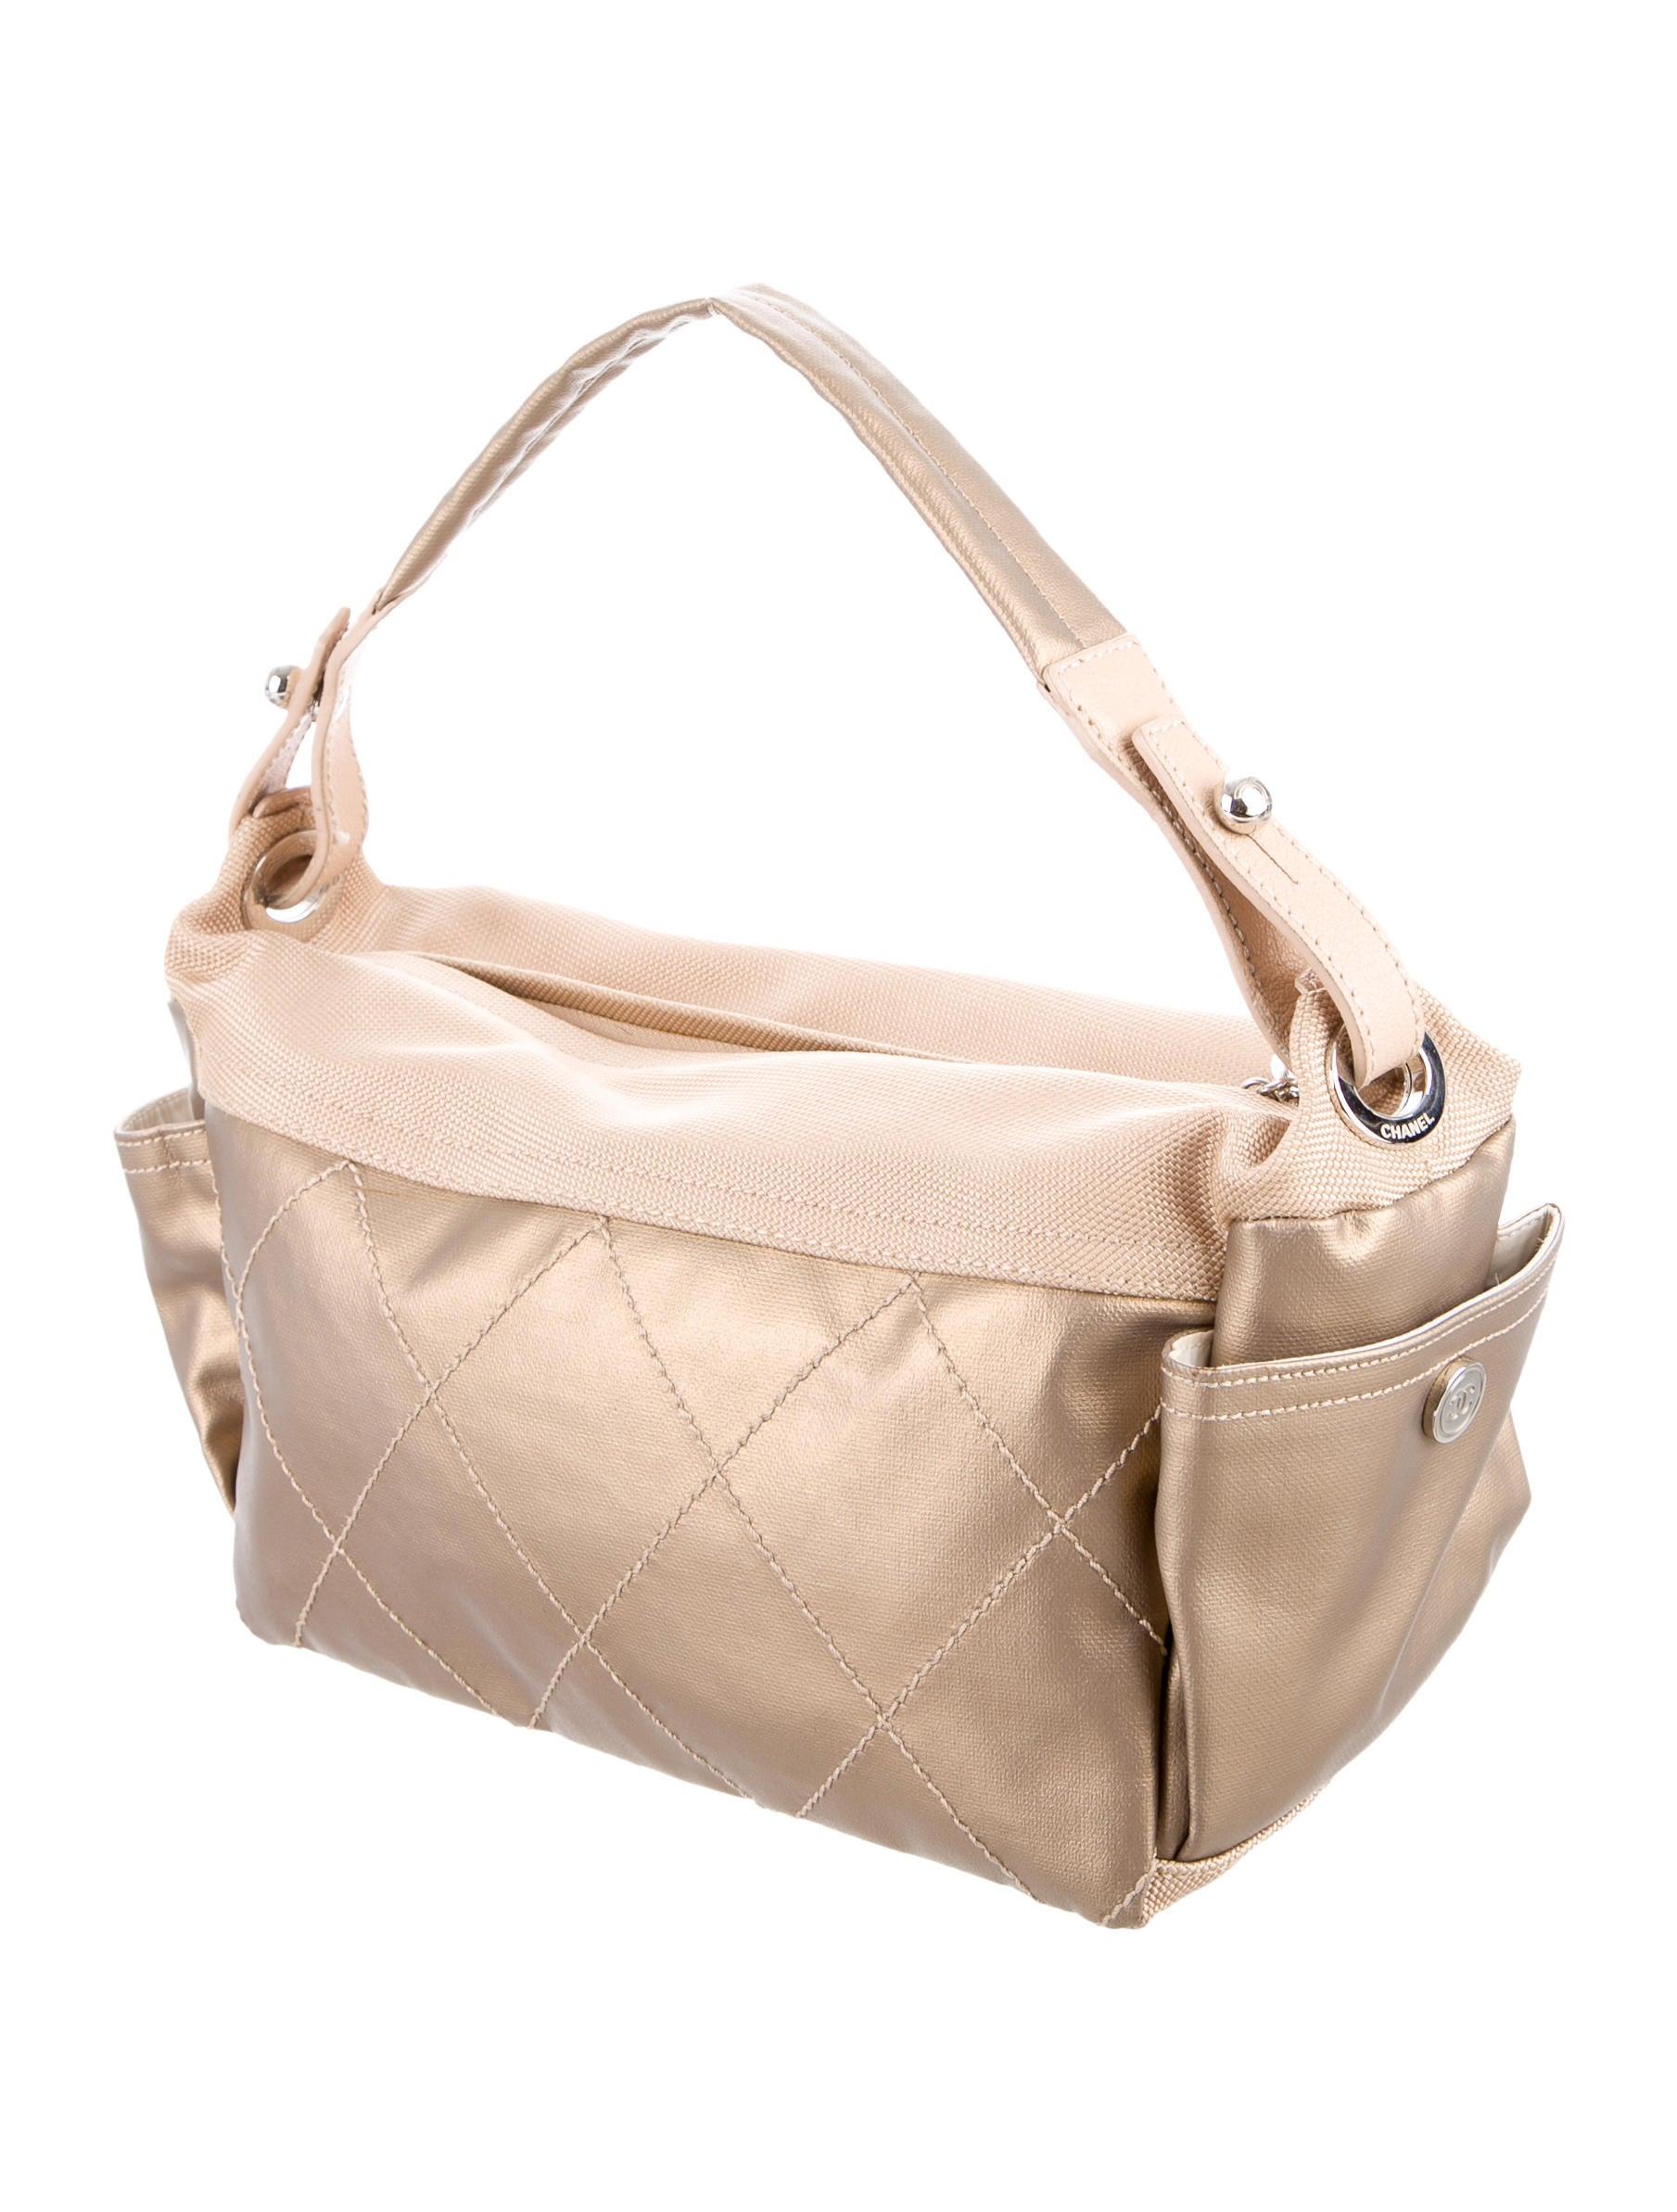 Chanel Paris-Biarritz Handle Bag - Handbags